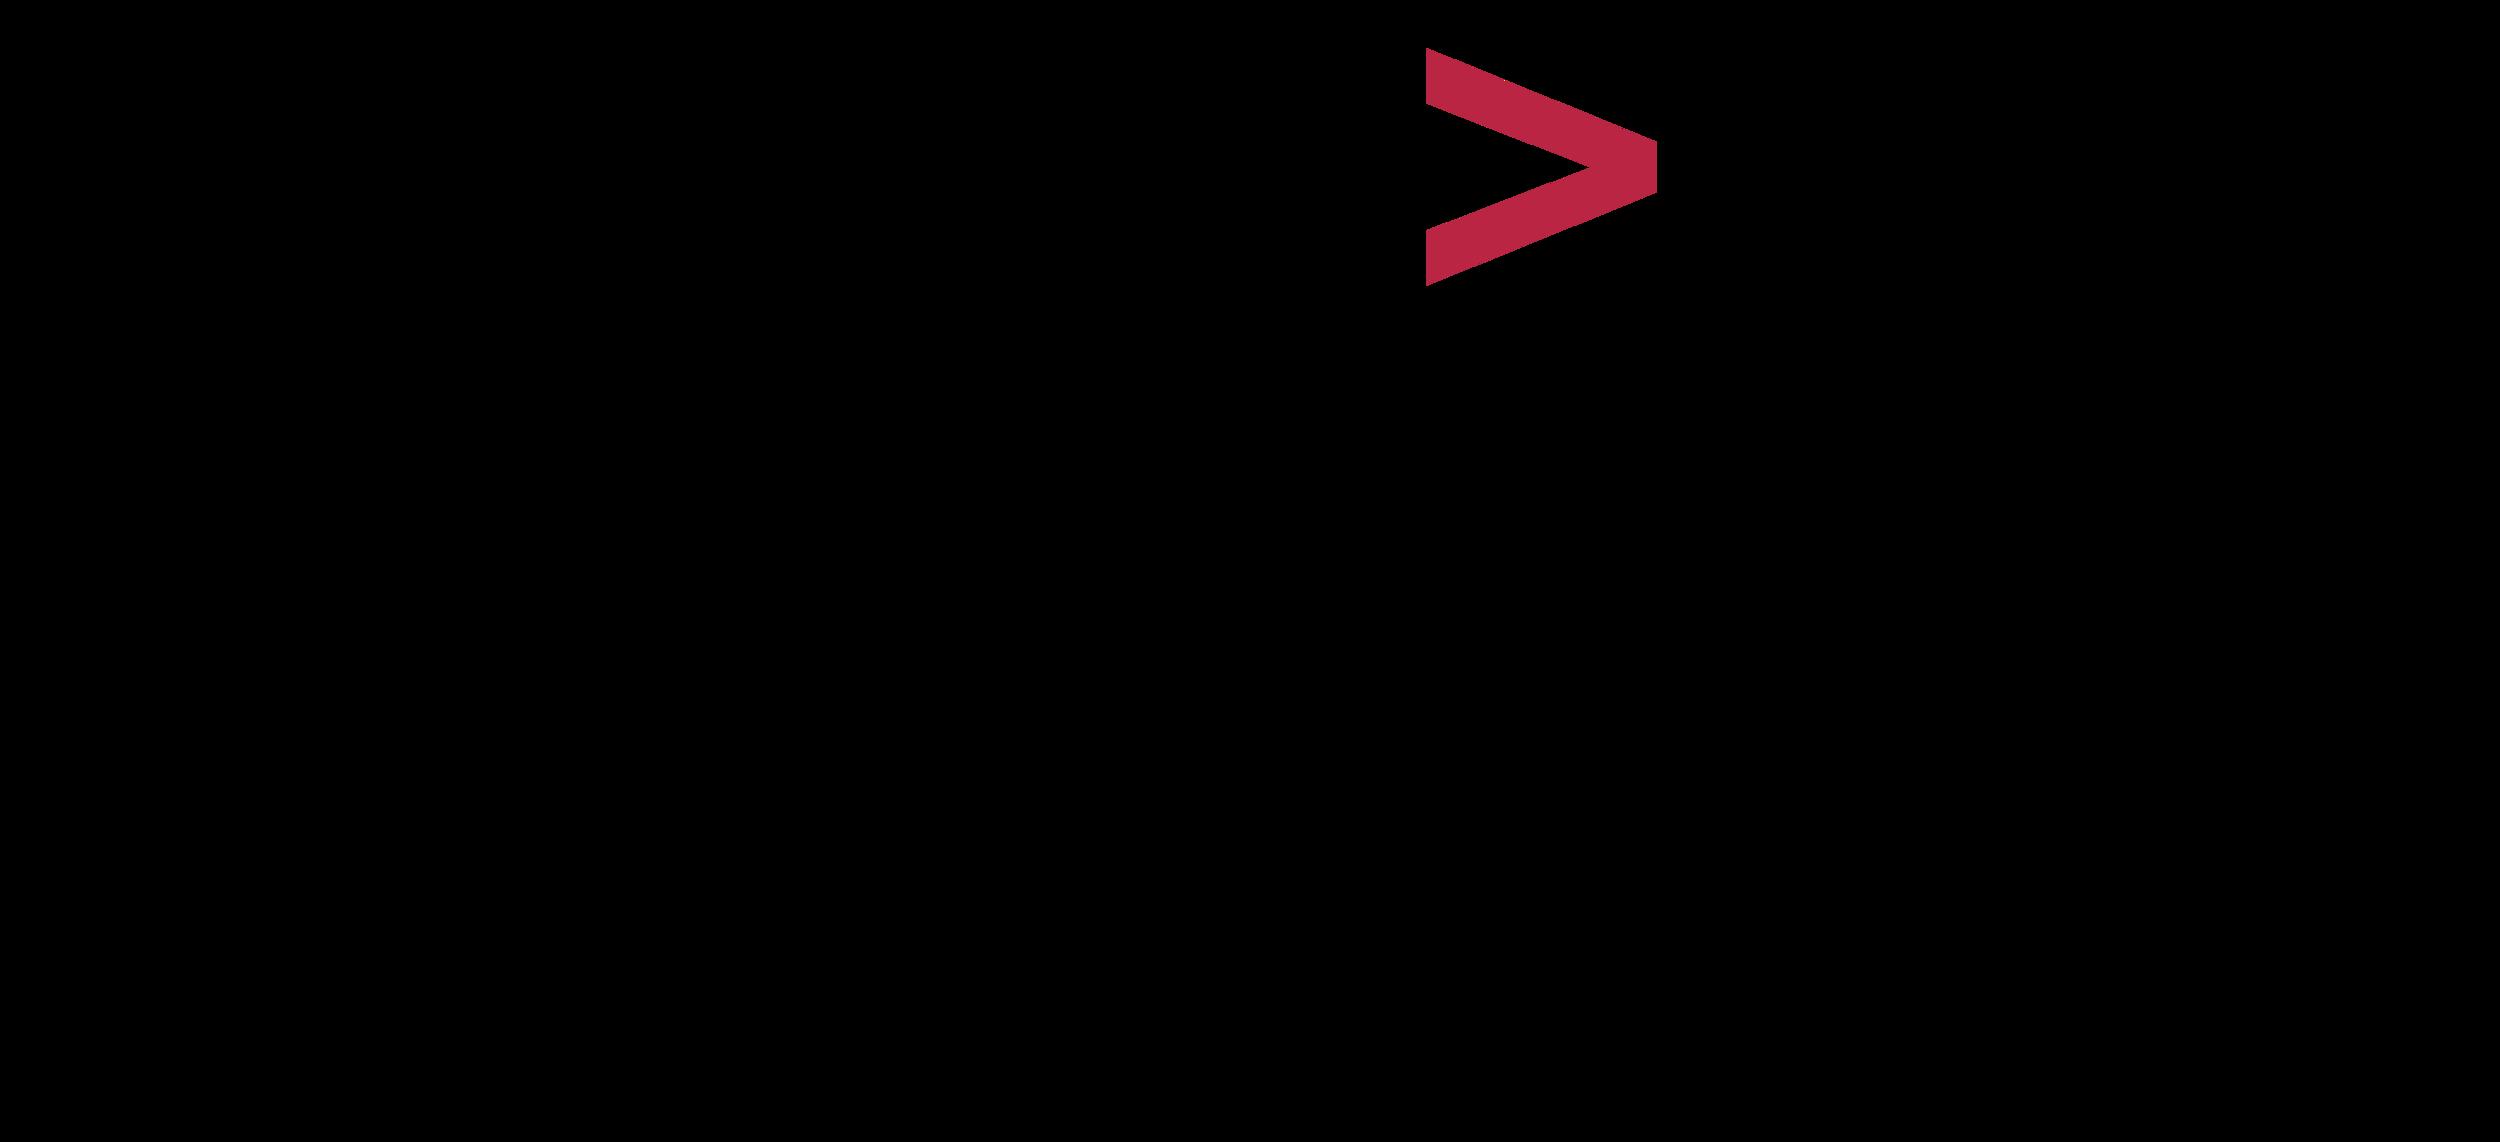 Accenture_logo_logotype.png